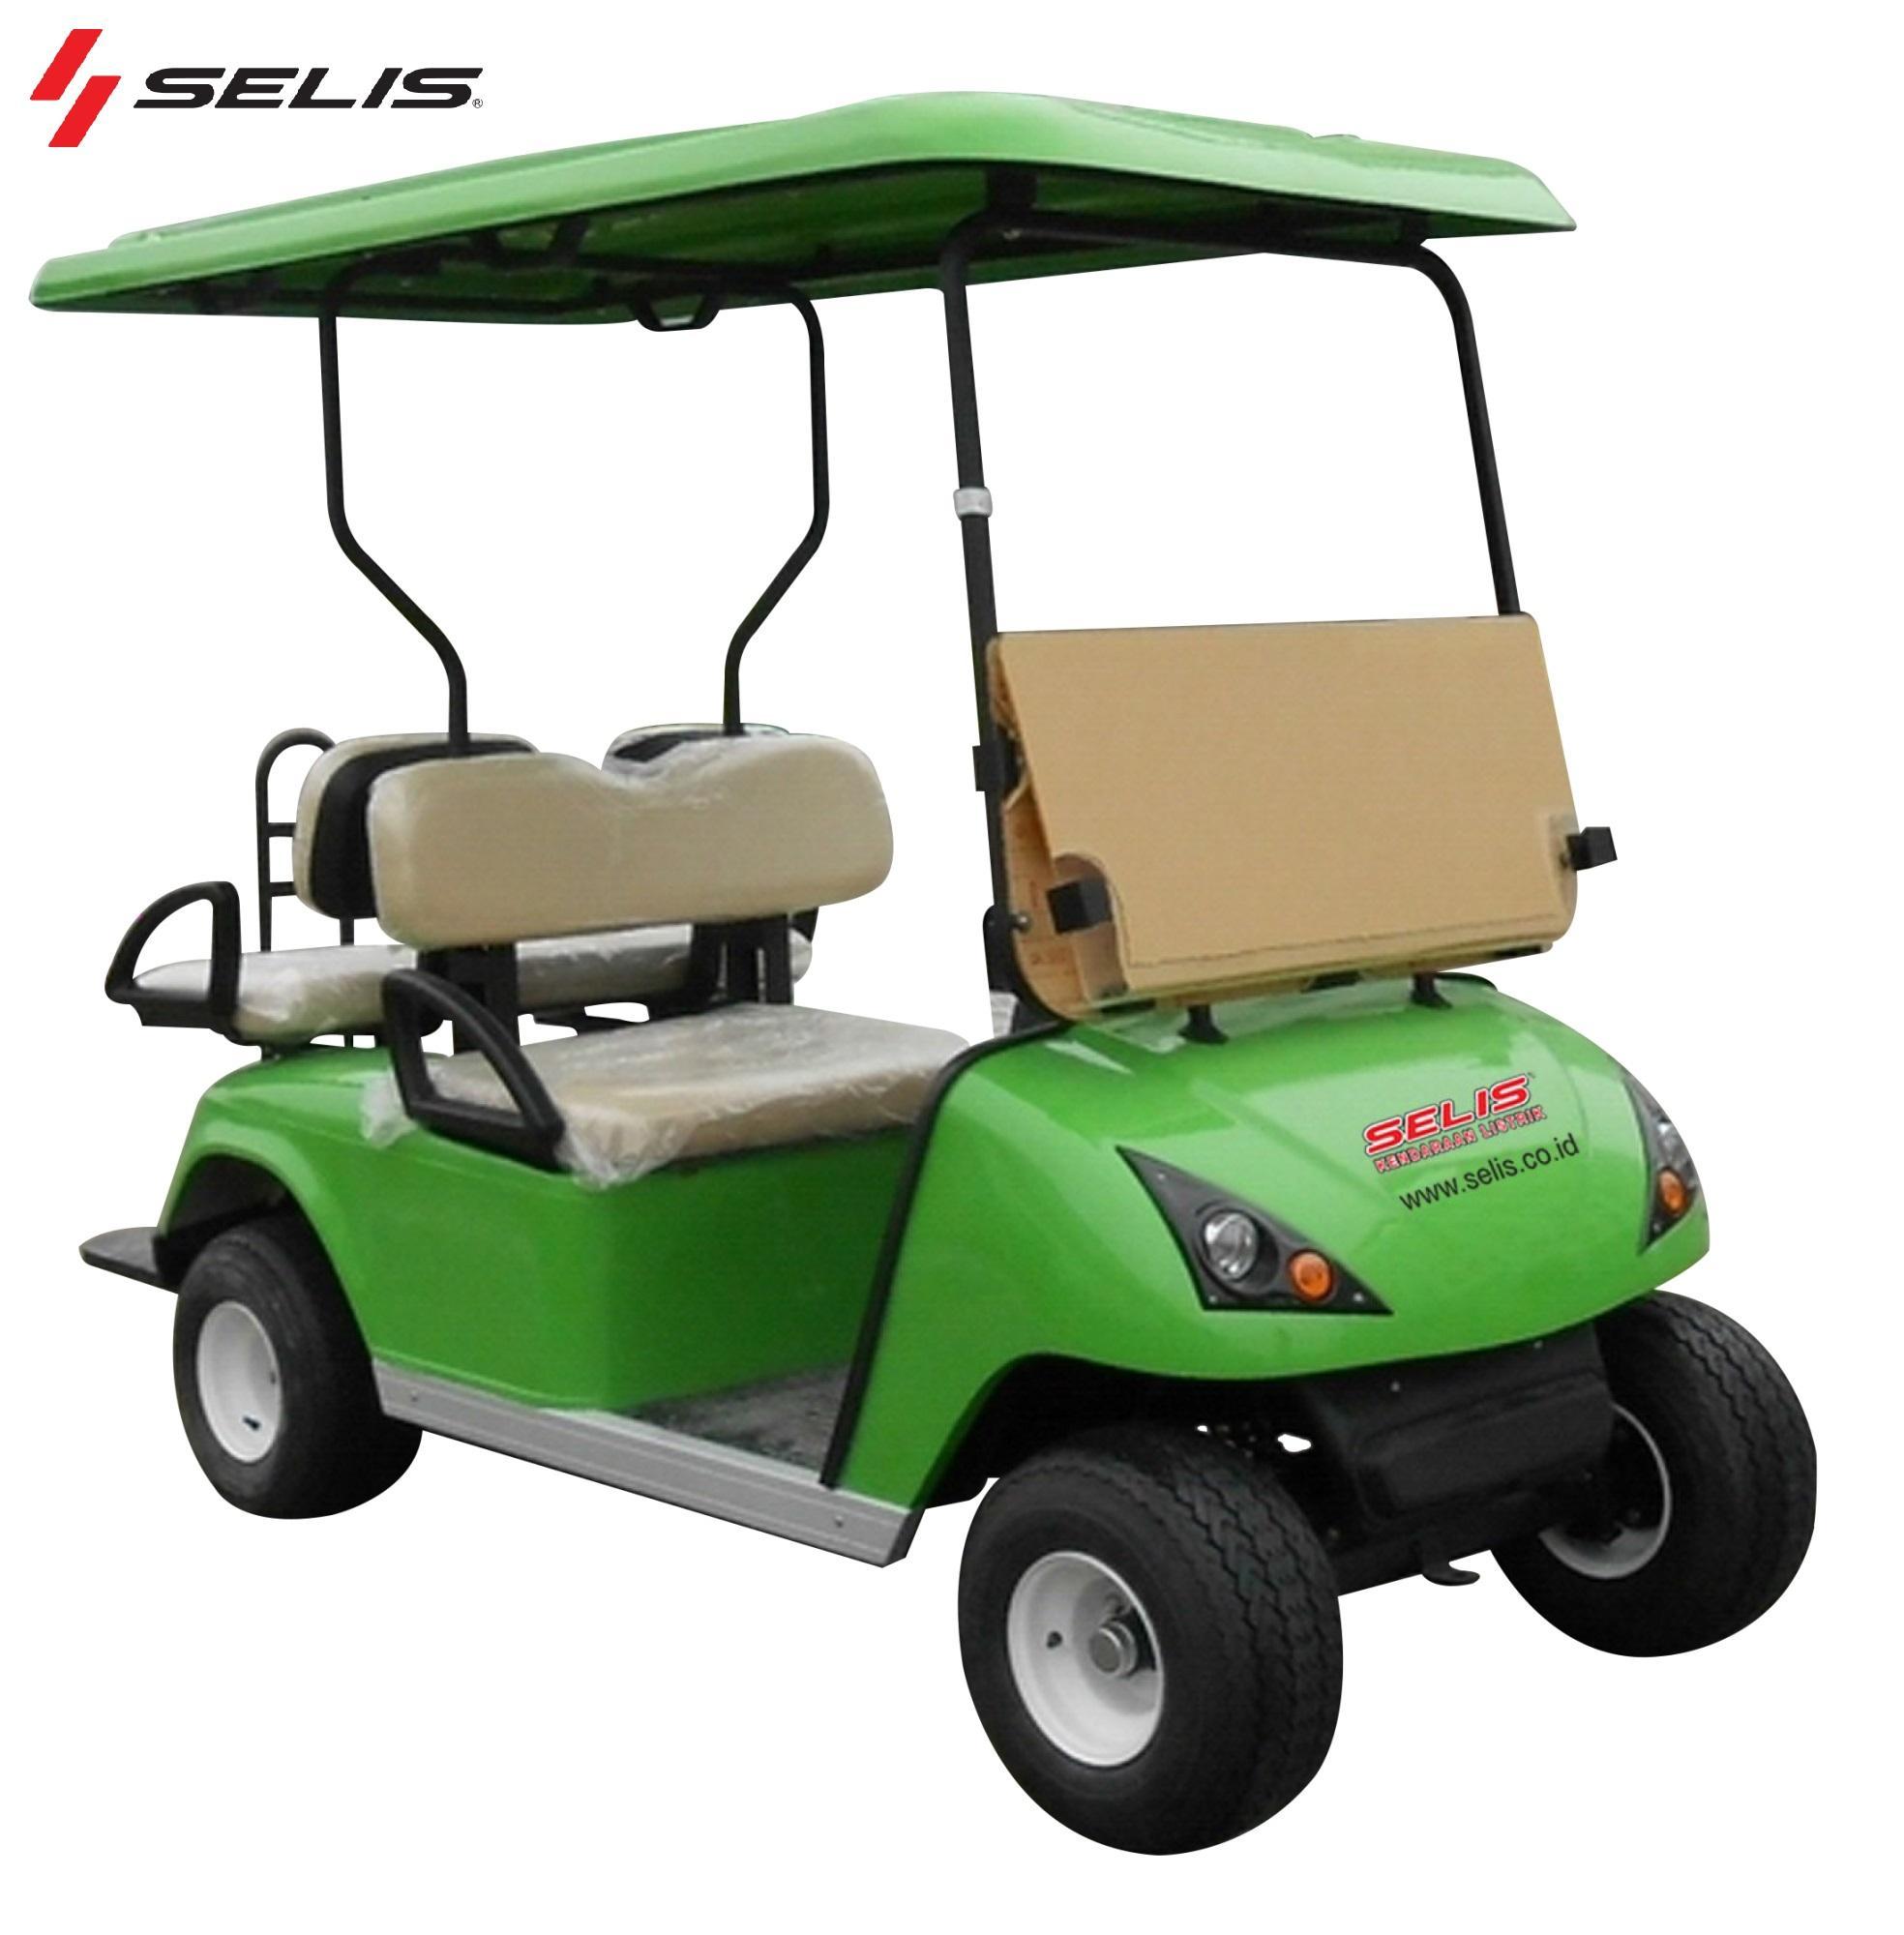 Bikes Selis Thunder Bmx Golf Car 4 Seat Mobil Listrik Jabodetabek Only